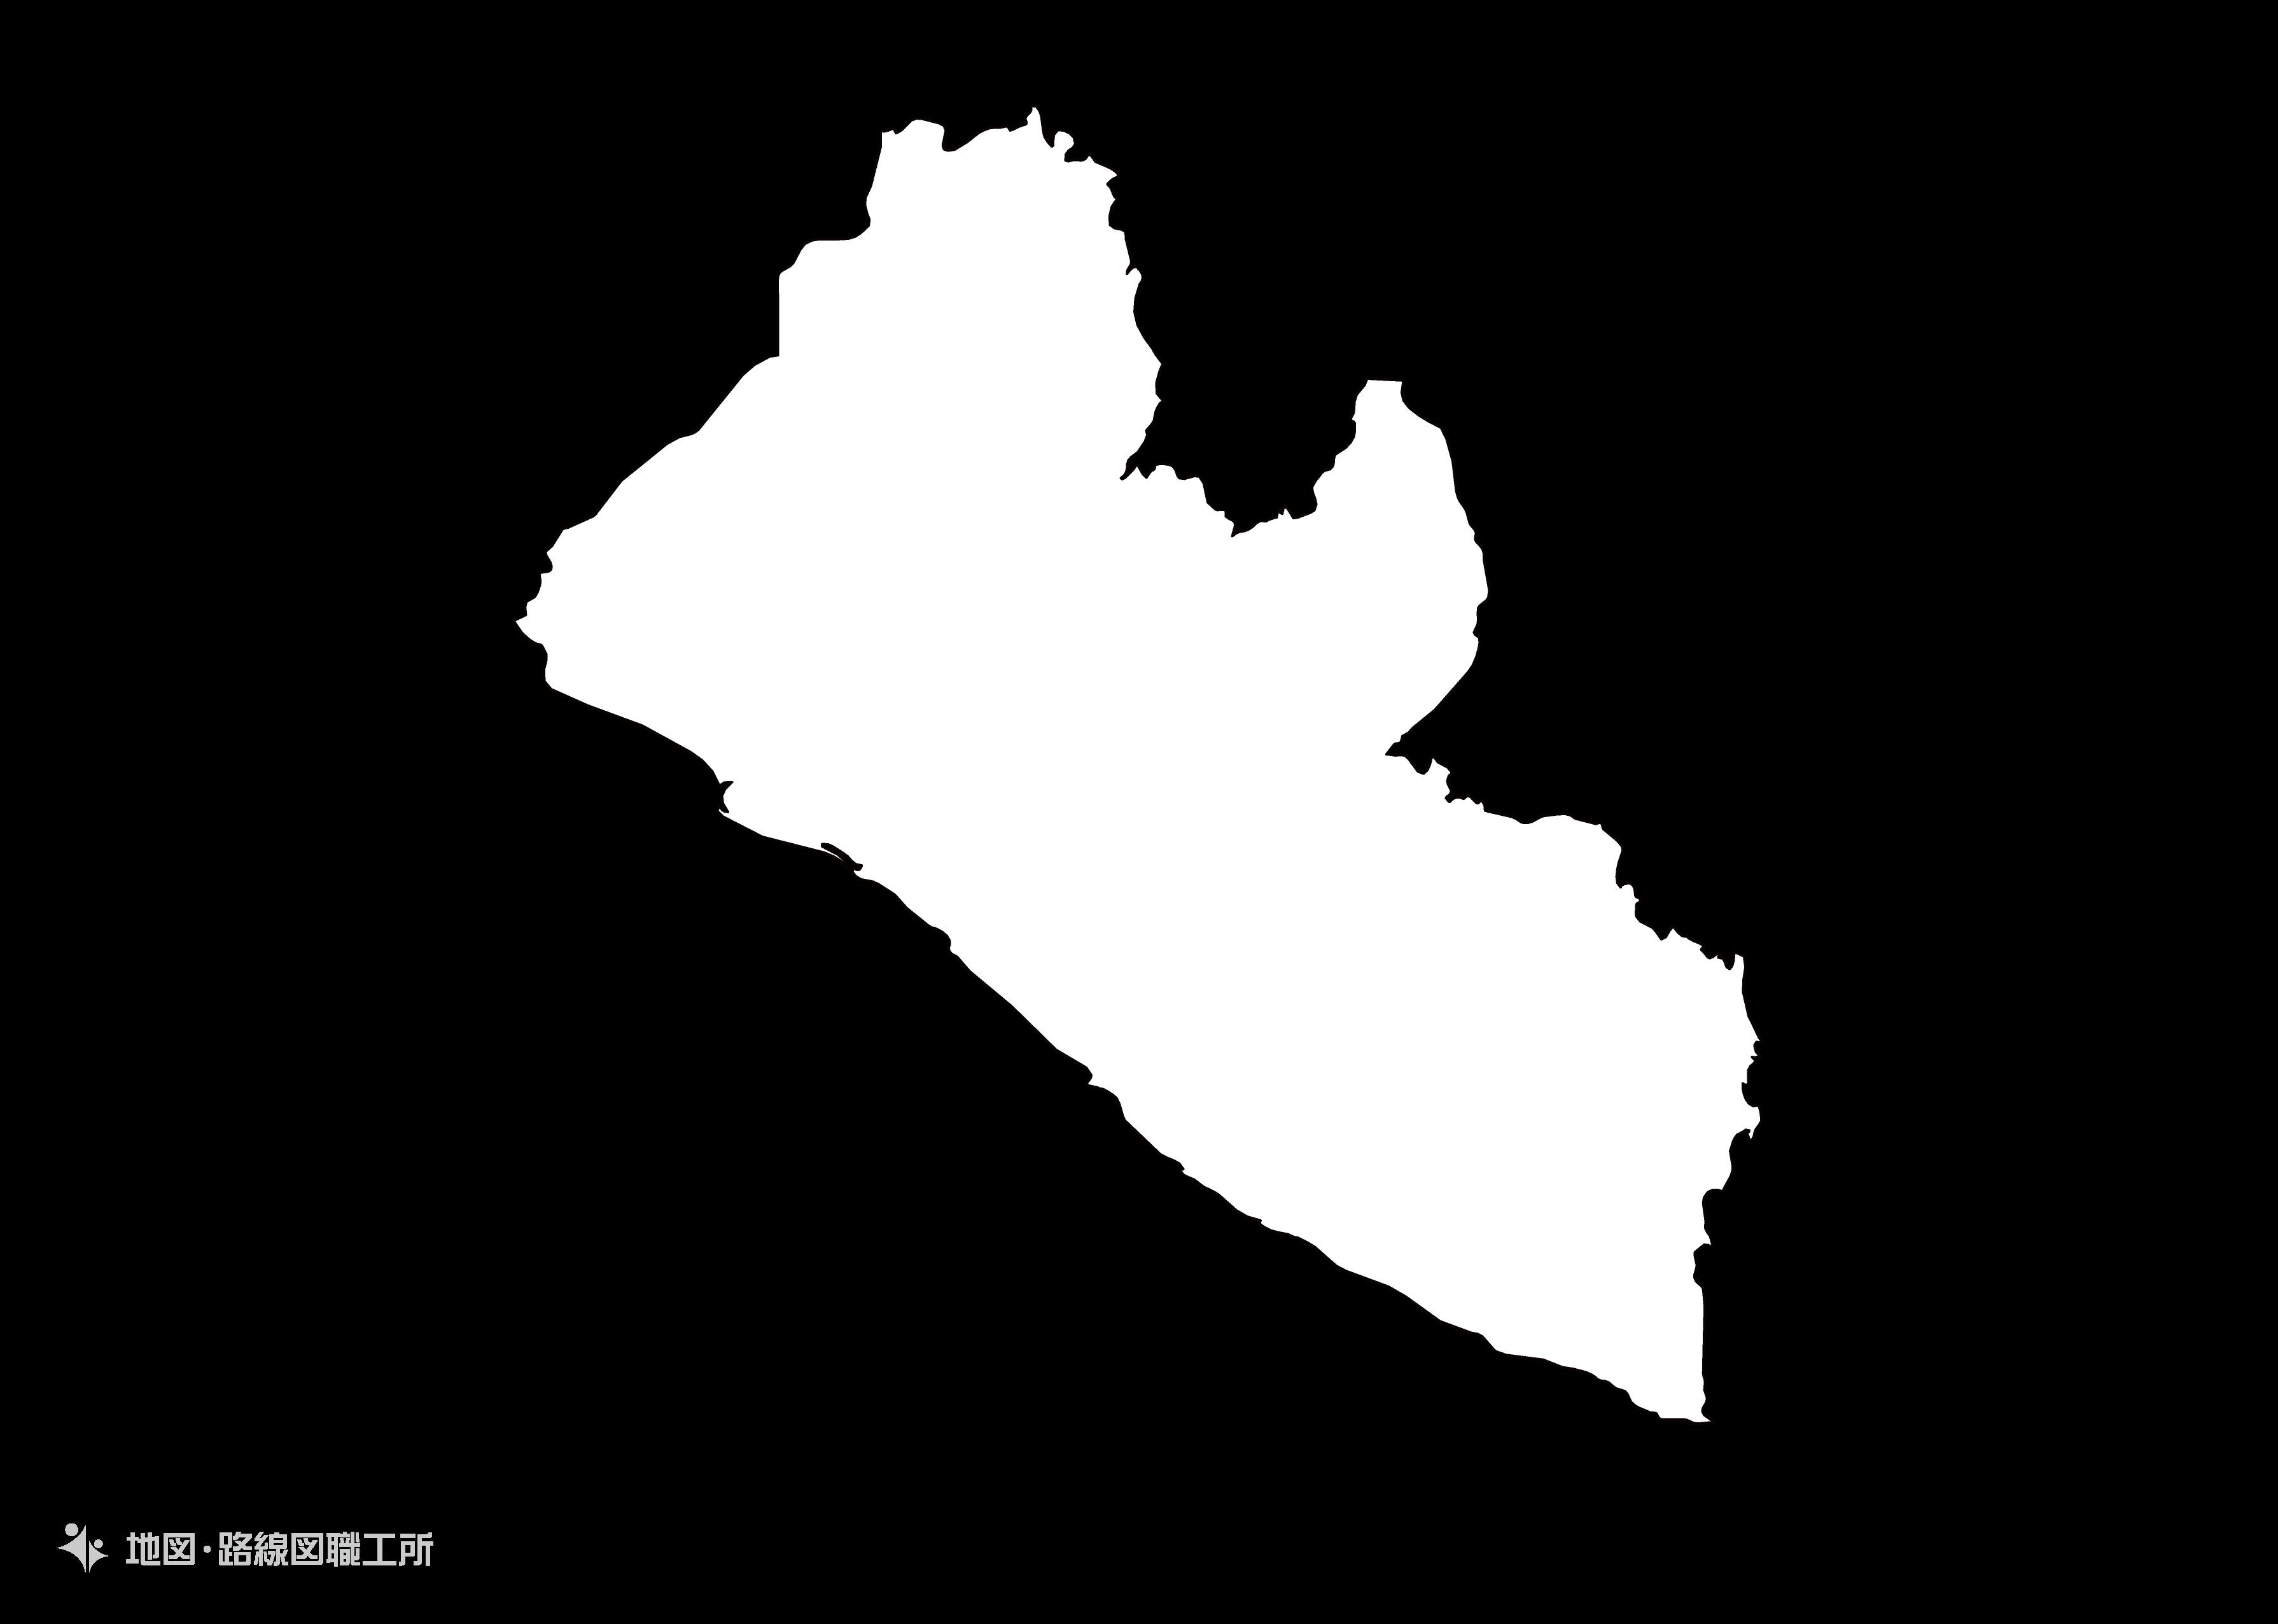 世界の白地図 リベリア共和国 republic-of-liberia map